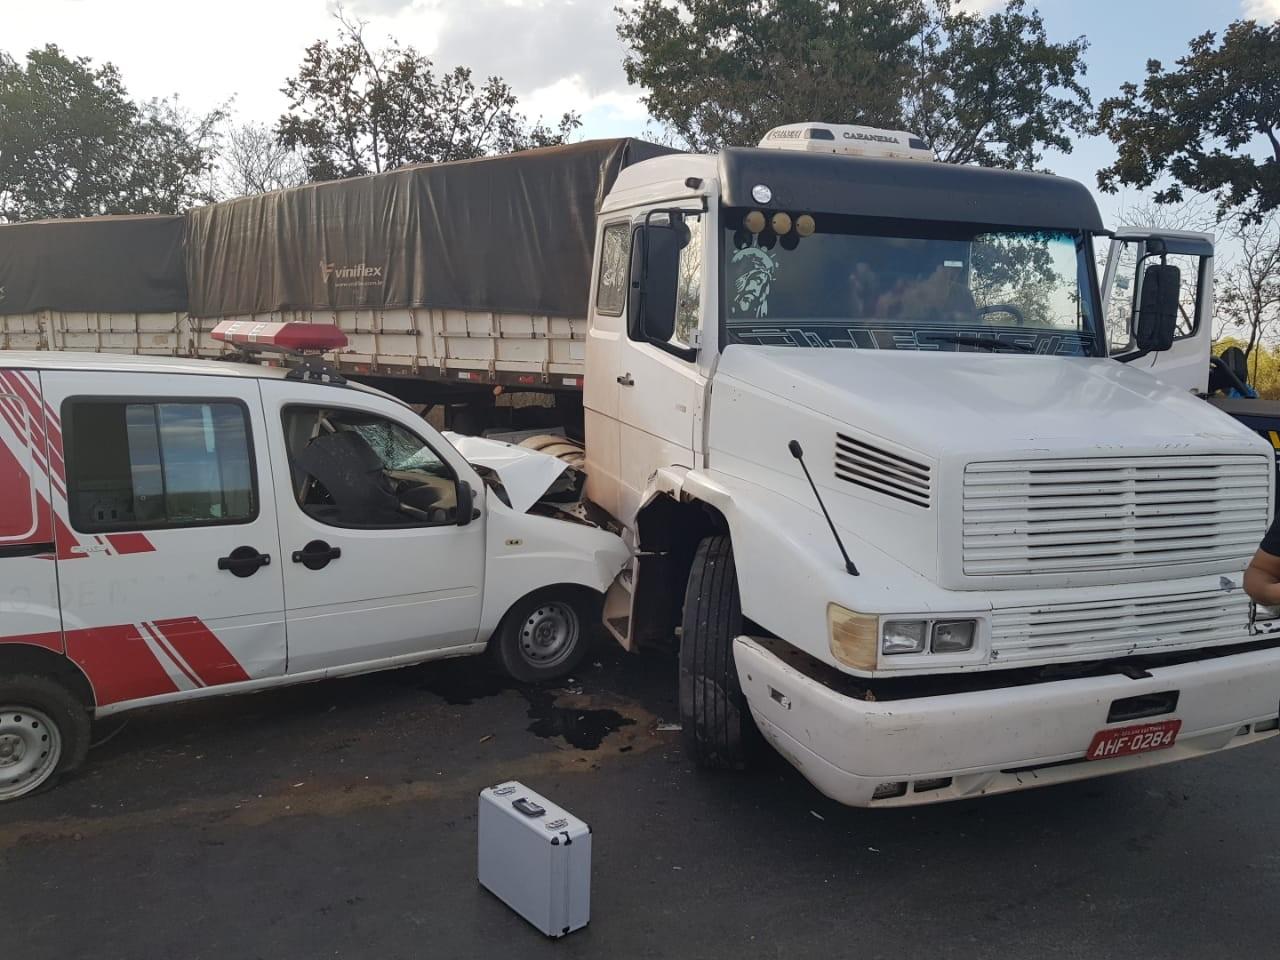 Acidente envolvendo carreta e ambulância de Montalvânia deixa quatro feridos na BR-251 - Notícias - Plantão Diário